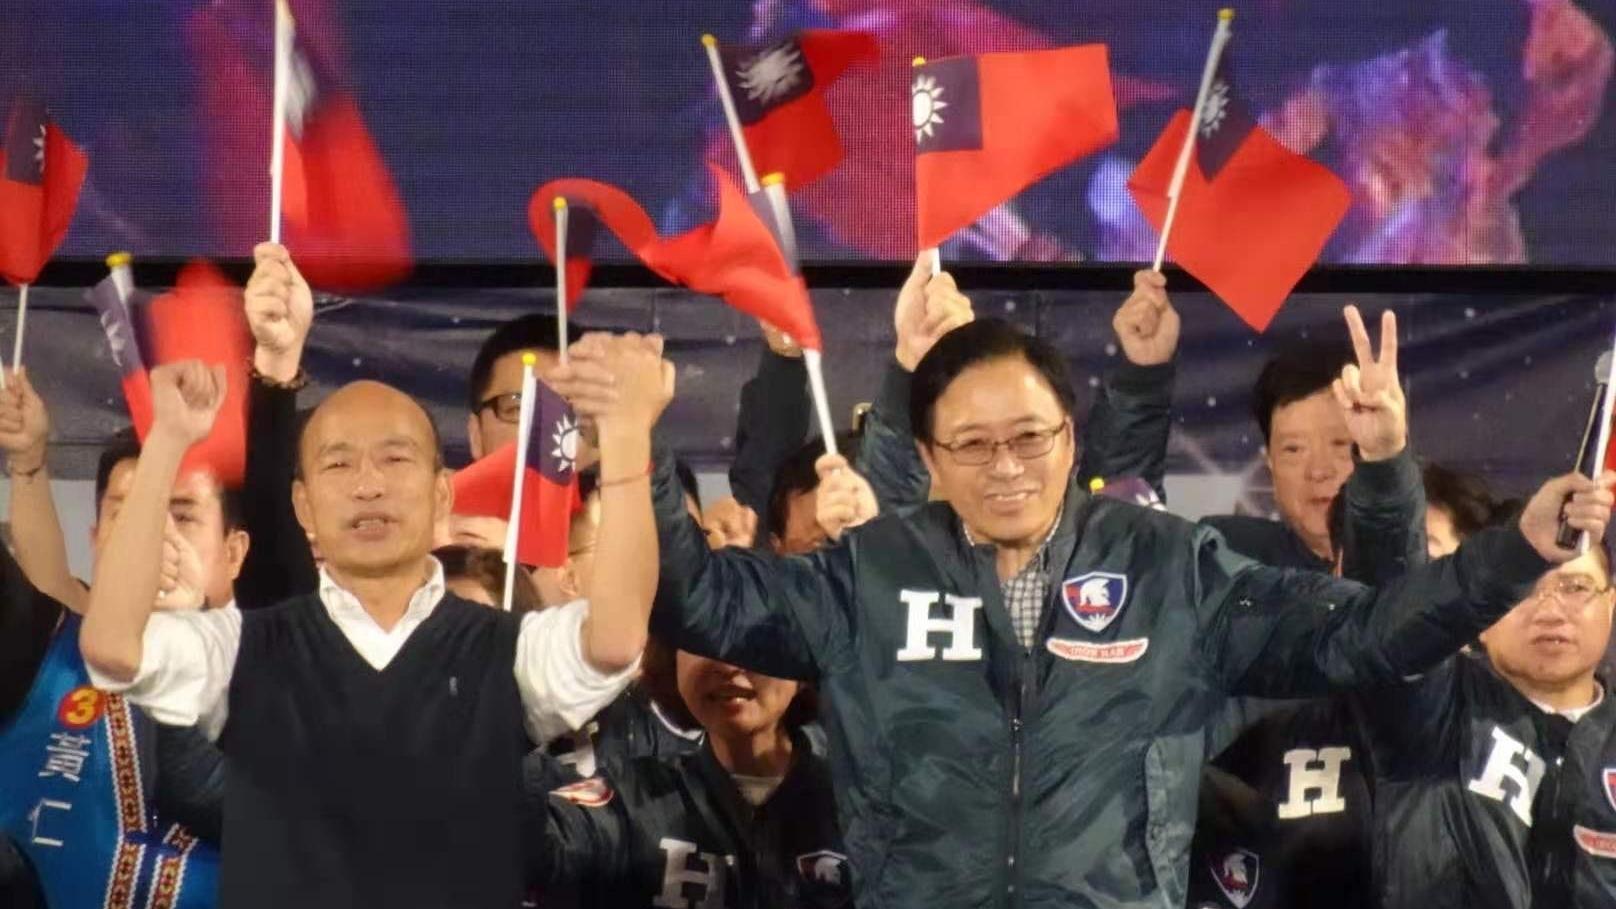 民進黨一黨獨大,不少台灣人憂慮民主自由只淪為一個口號、新的威權時代來臨。